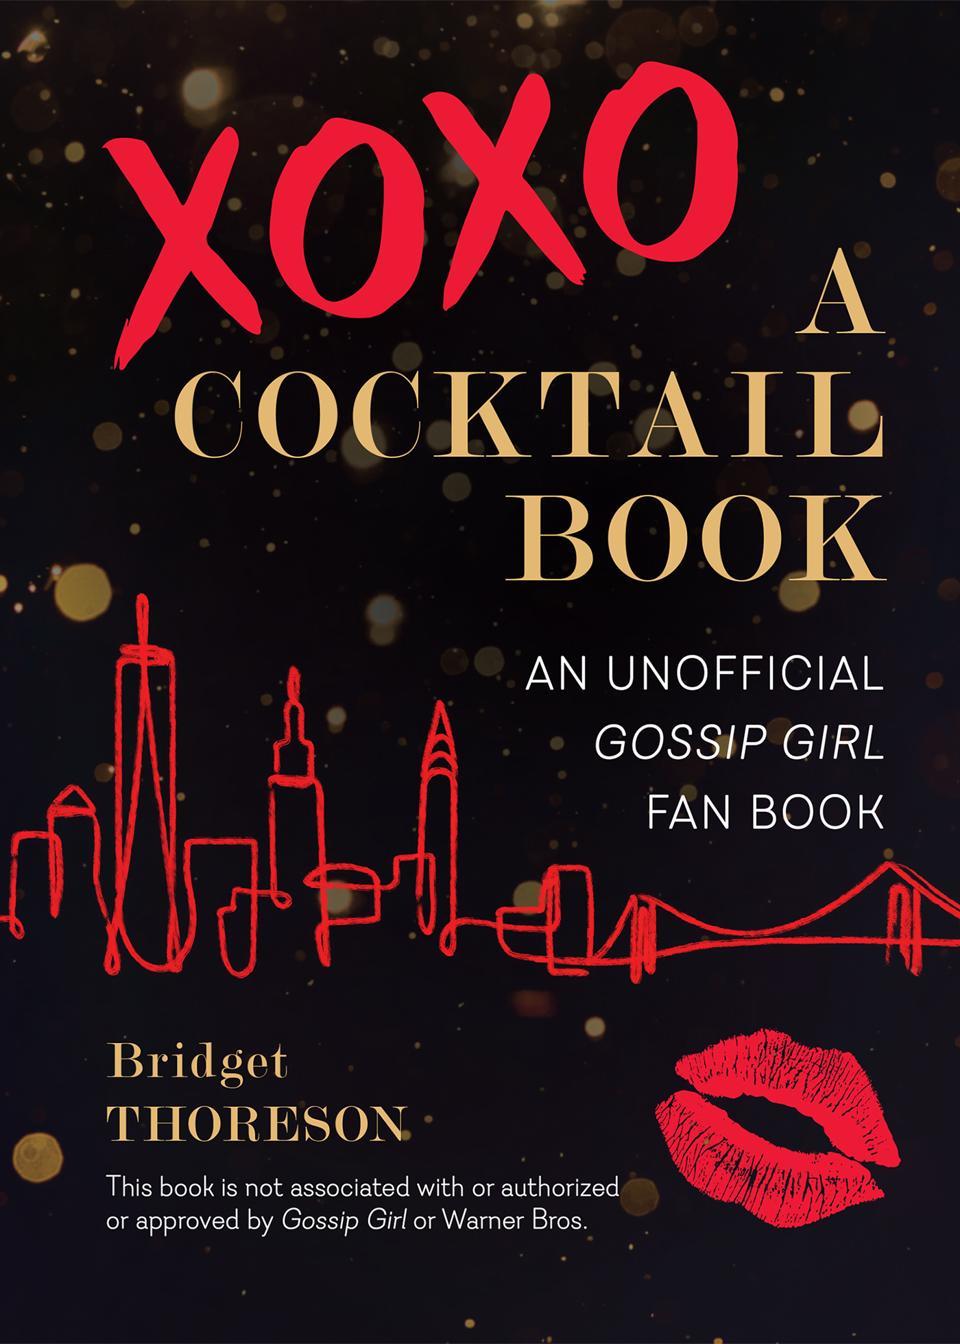 XOXO, A Cocktail Book—an unofficial 'Gossip Girl' fan book.